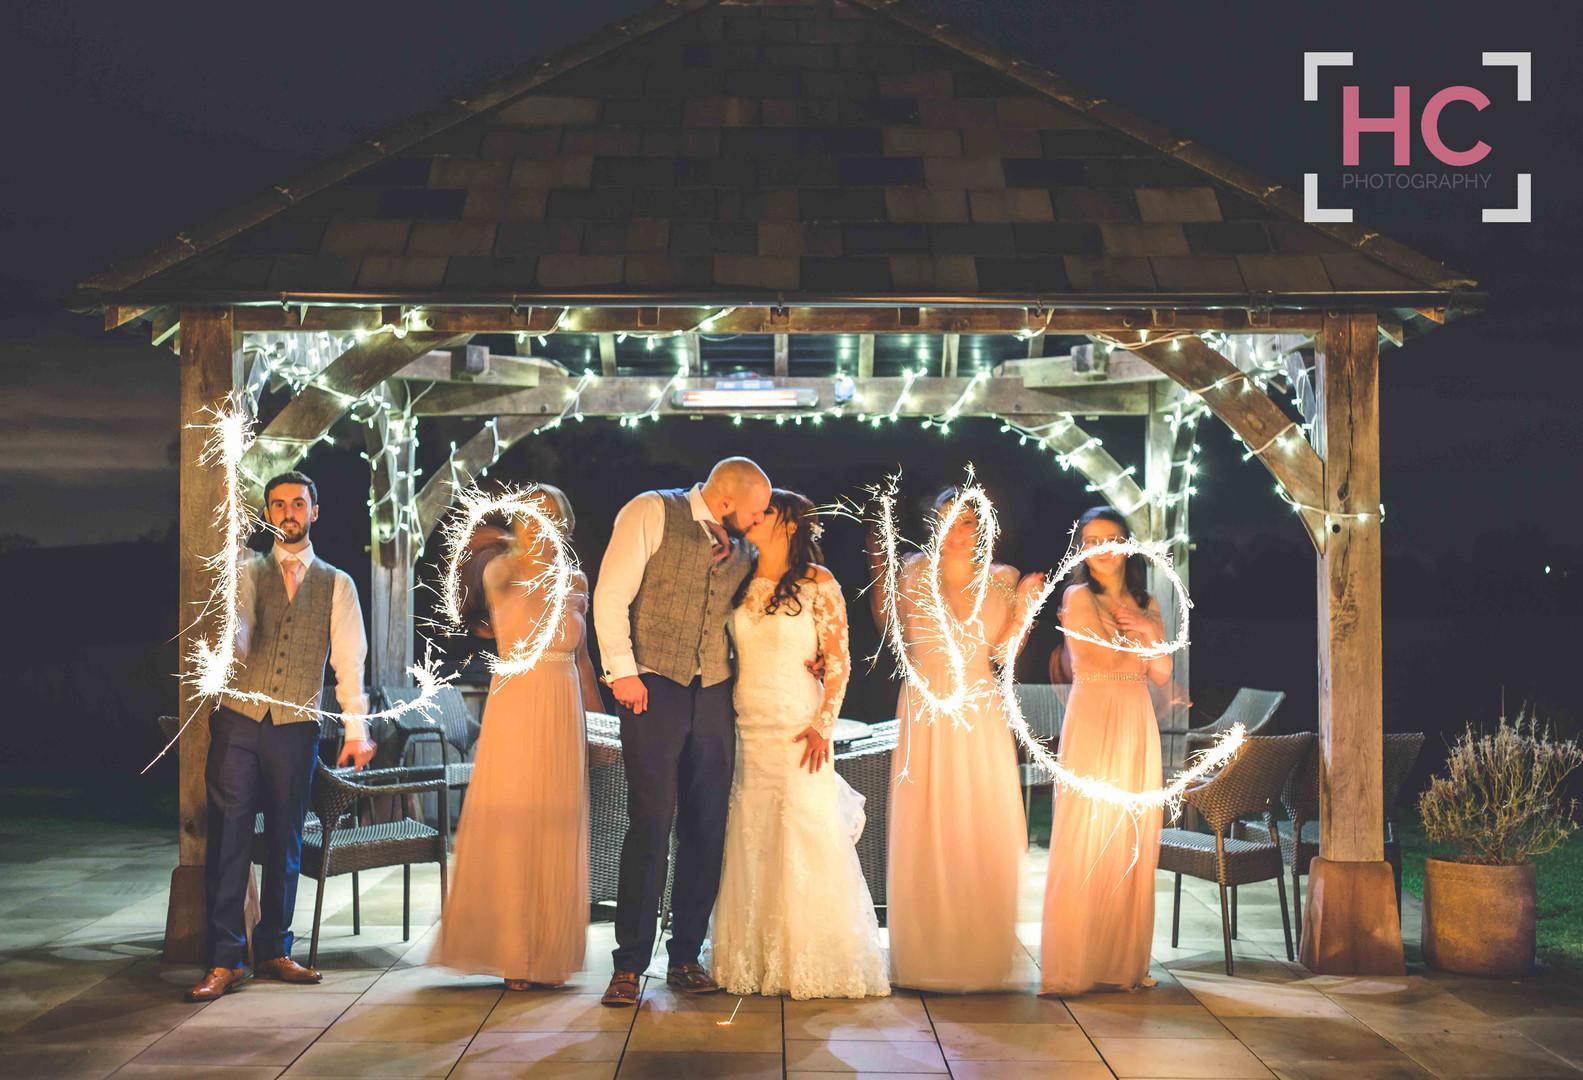 Kim_&_Rich_Wedding_Preview_Sandhole_Oak_Barn_Helen_Cotton_Photography©94.JPG